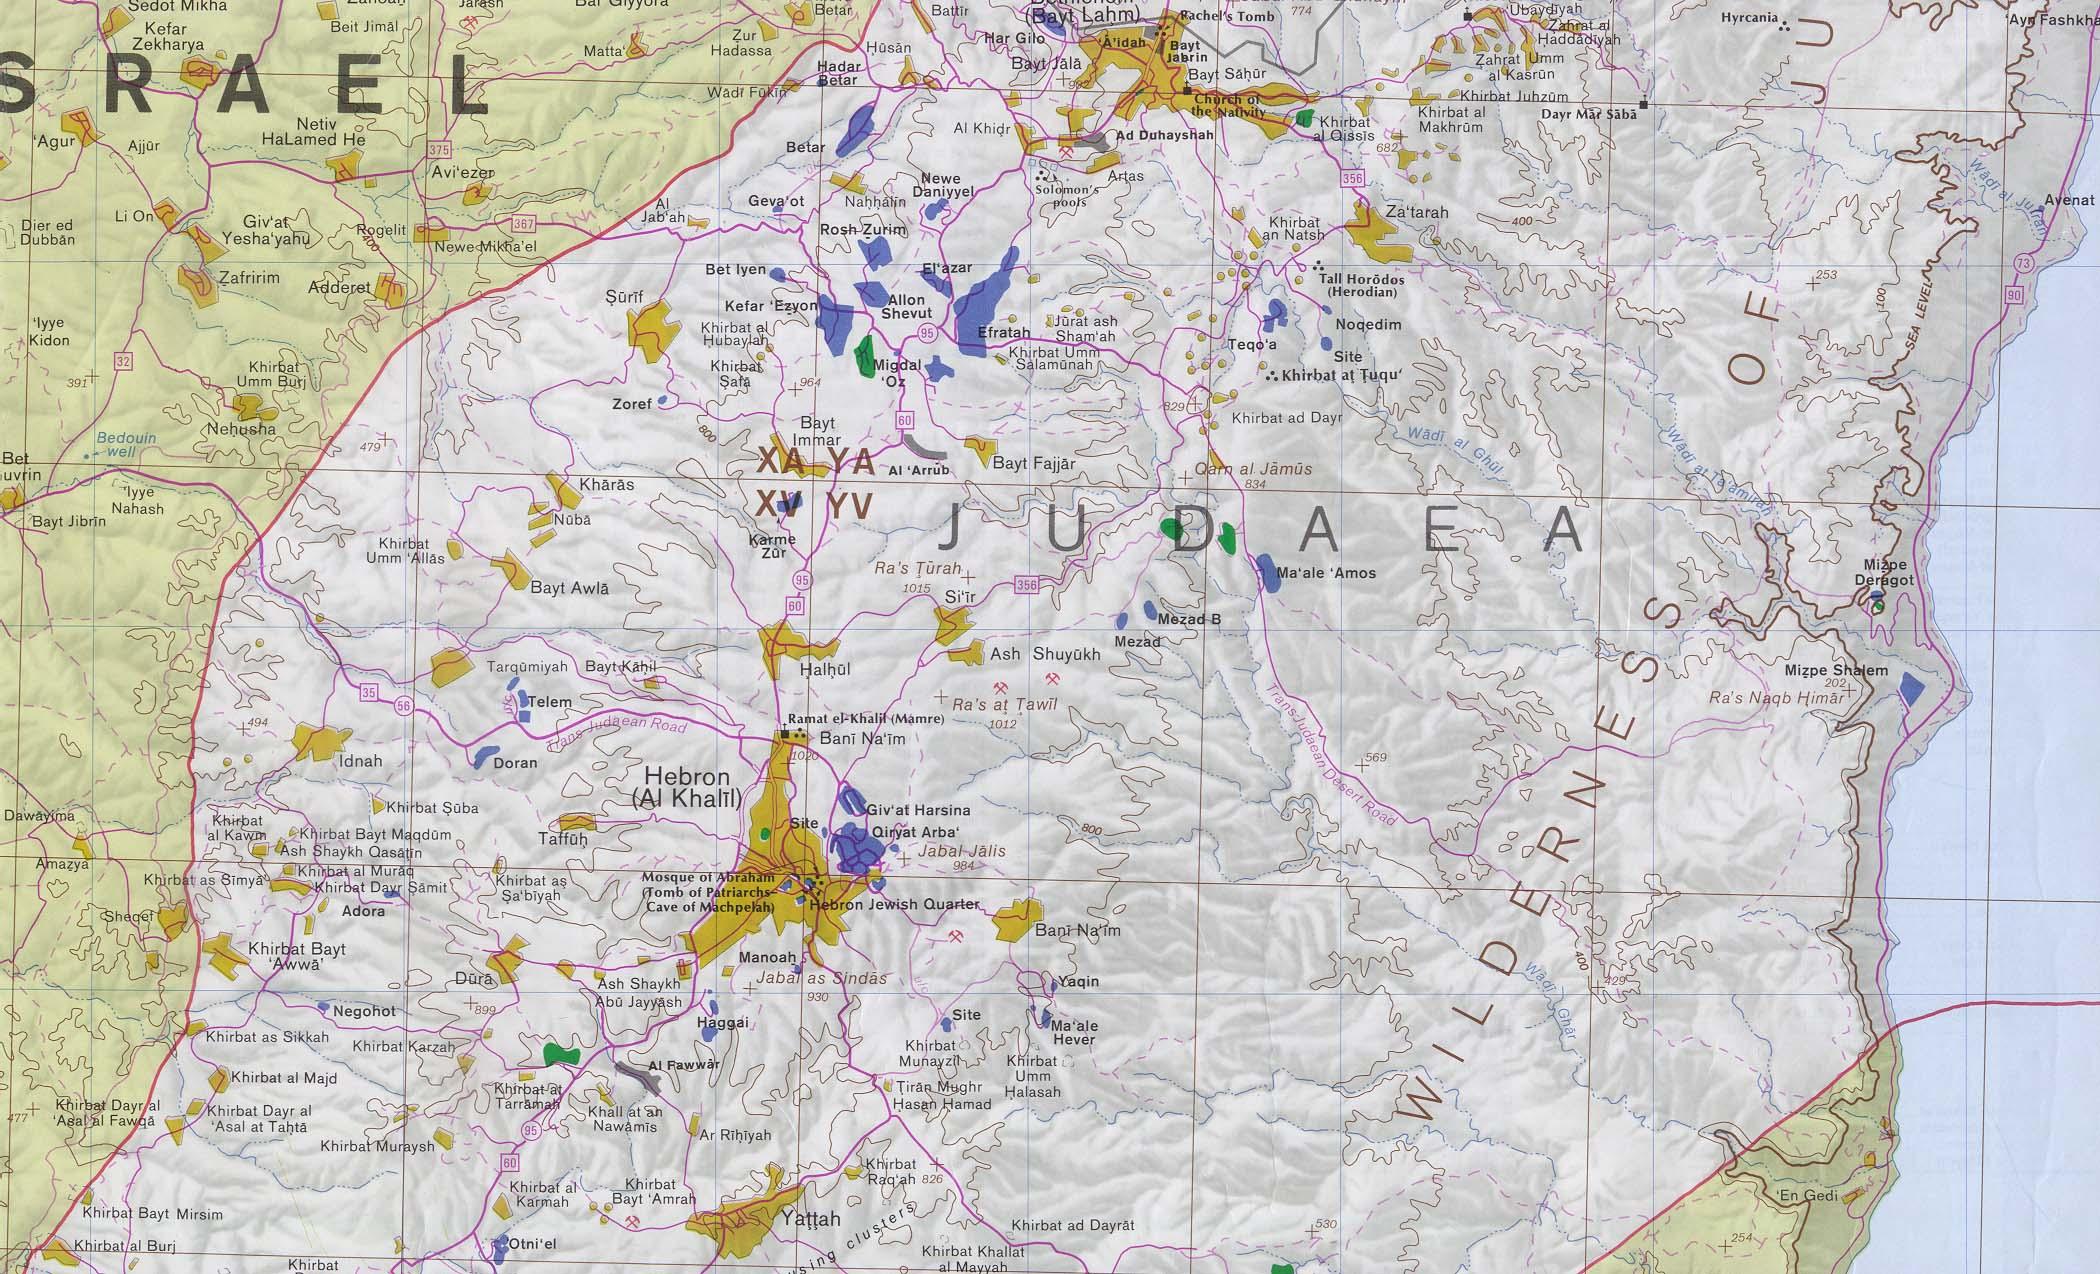 Jerusalem Karte Deutsch.Landkarten Israel Weitere Karten Weltkarte Com Karten Und